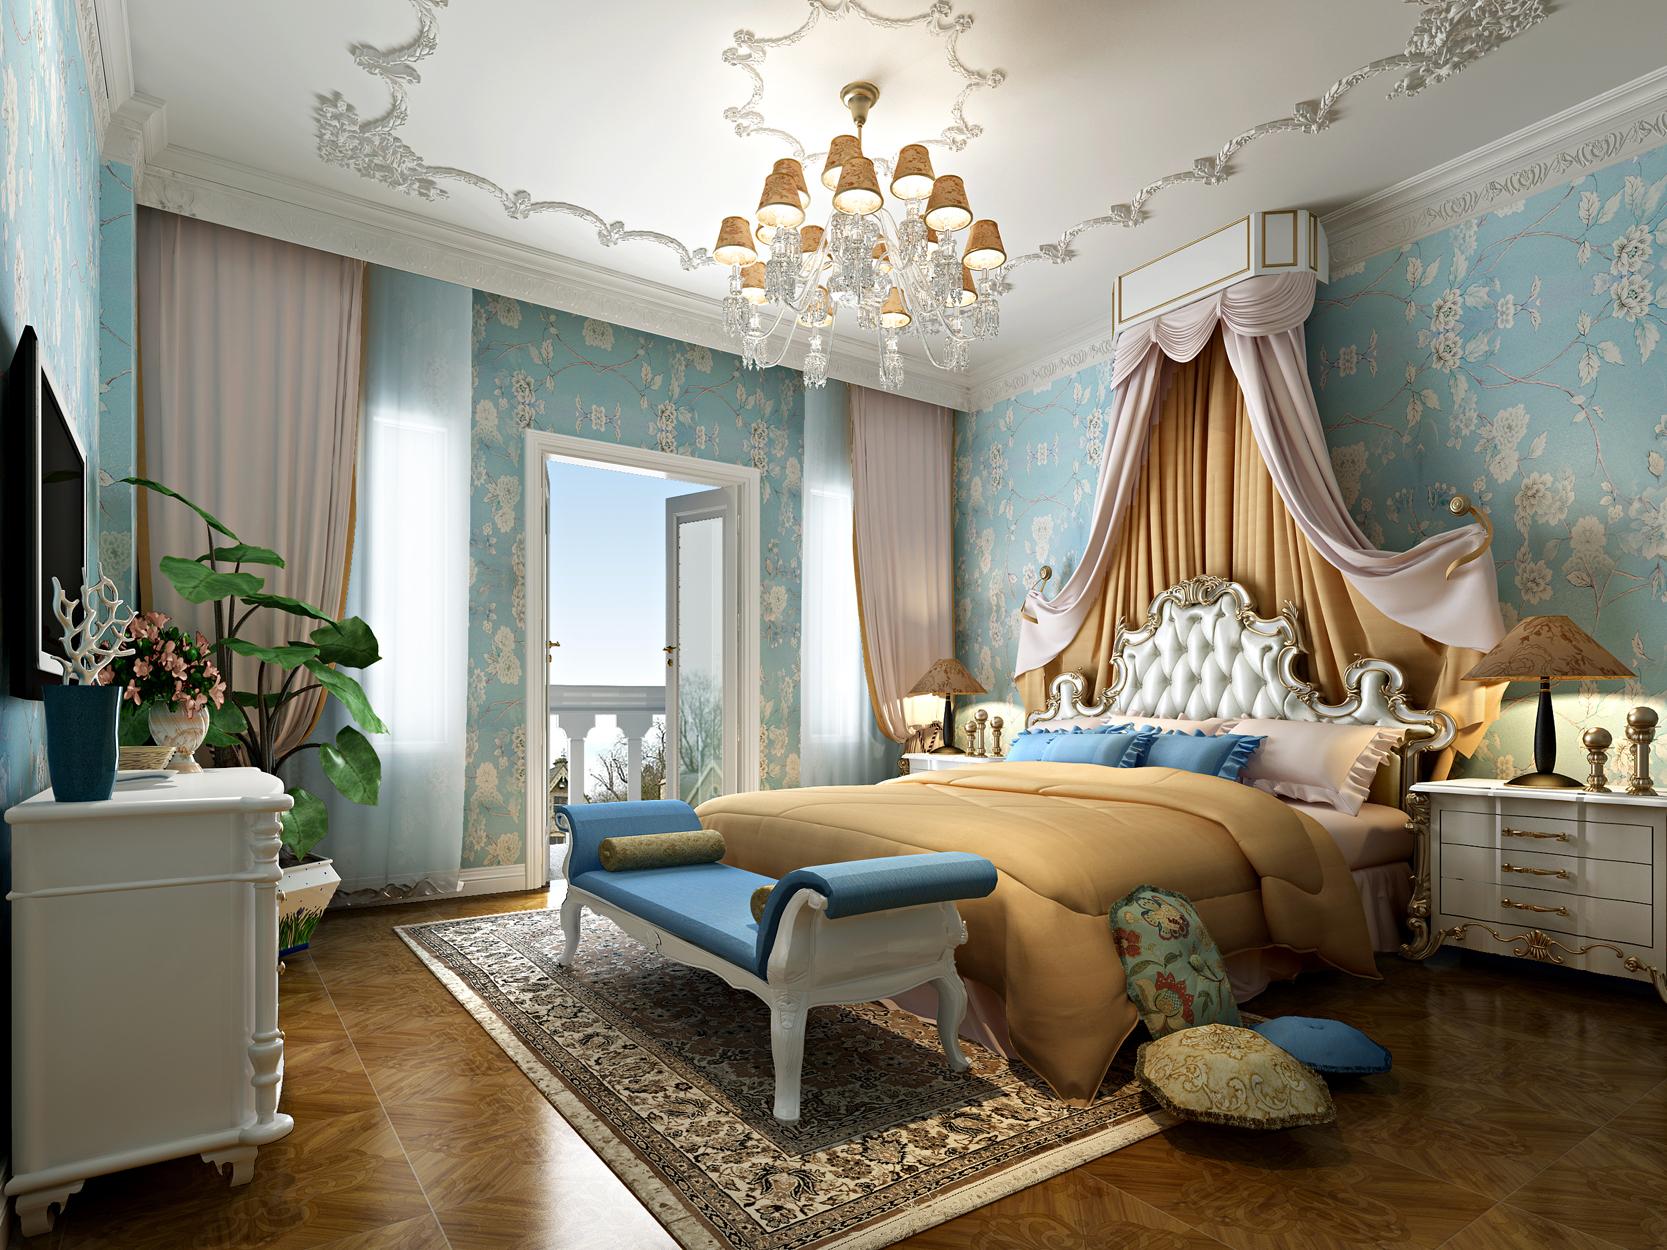 法式风格 原创国际 品质墅装 全案设计 卧室图片来自原创国际别墅装饰在海兰云天的分享